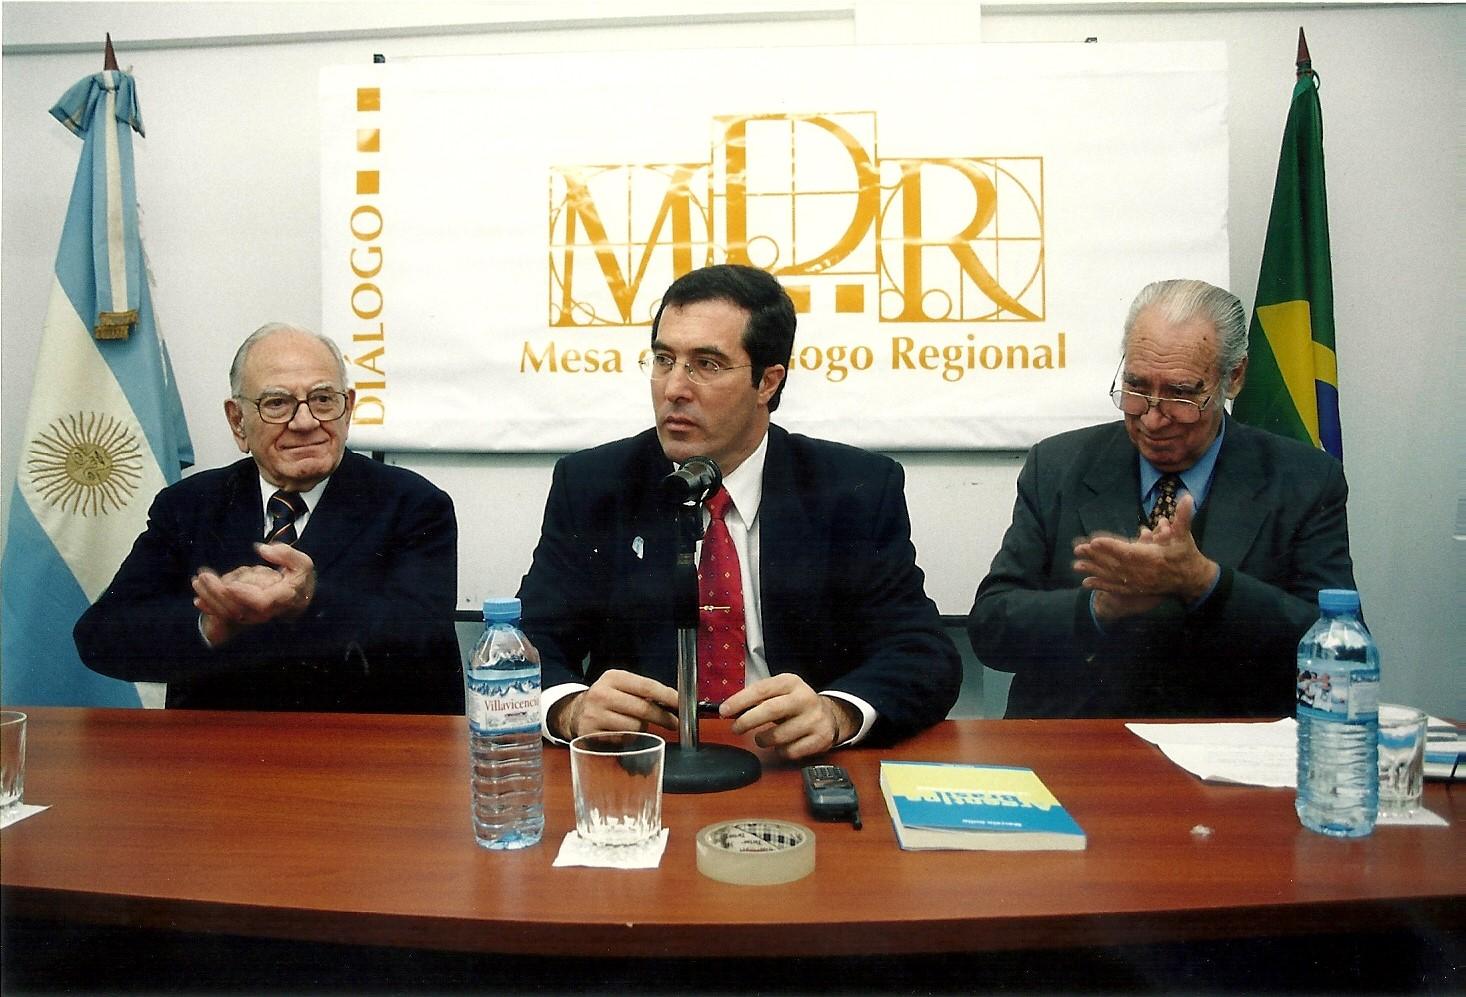 Marcelo gullo junto a sus mentores Helio Jaguaribe y Alberto Methol Ferre